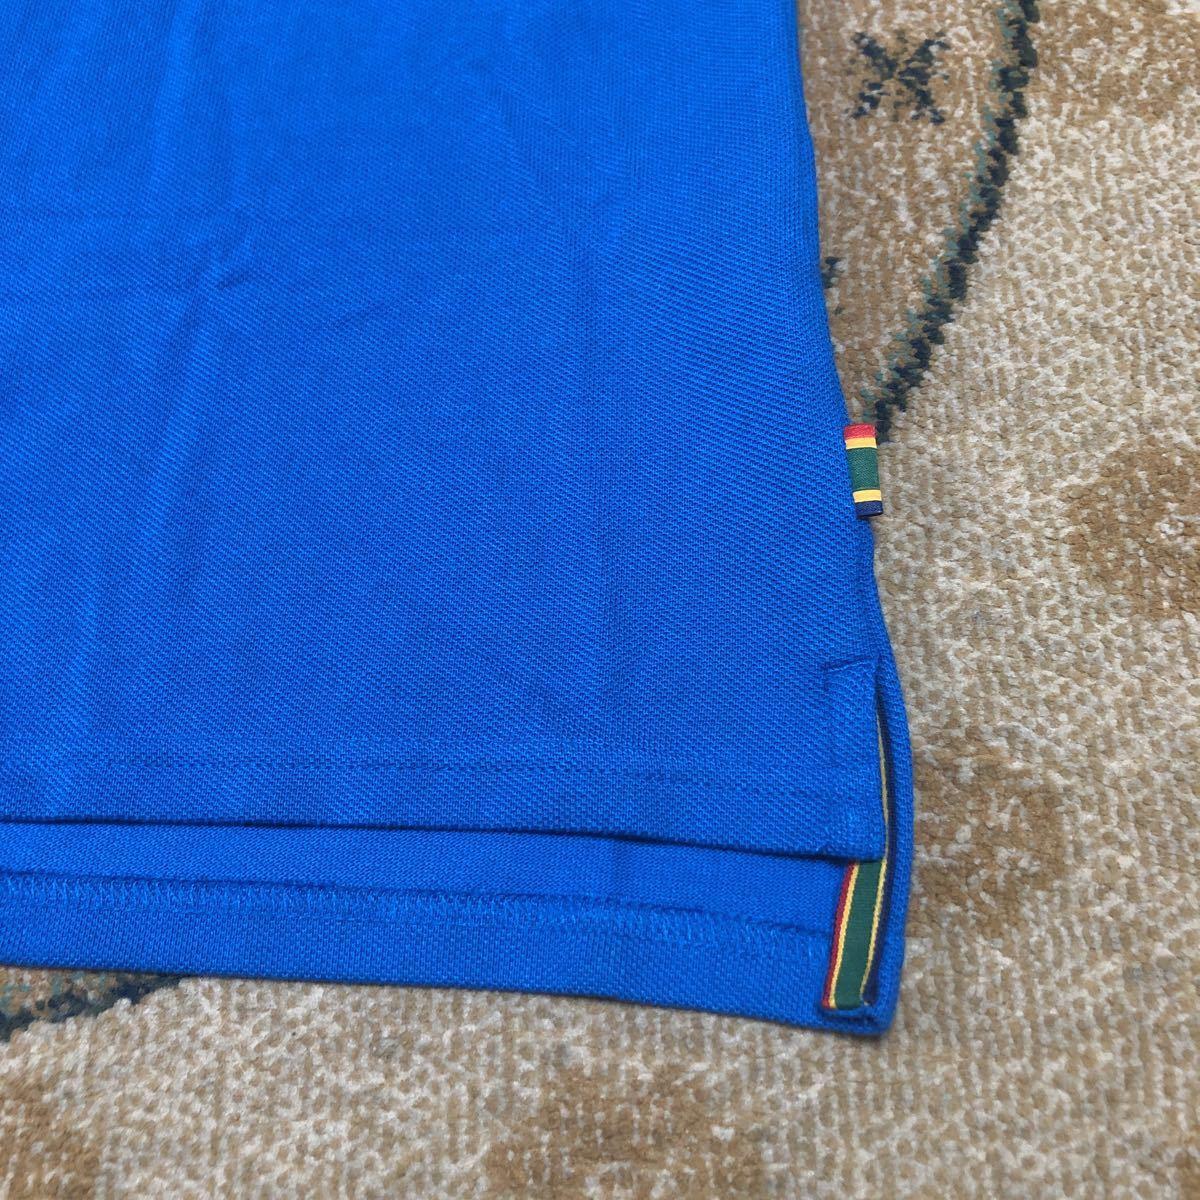 新品 NIKE tennis ナイキ テニス コートロゴ ポロシャツ メンズUSサイズXS 日本サイズS スリムフィット_画像5